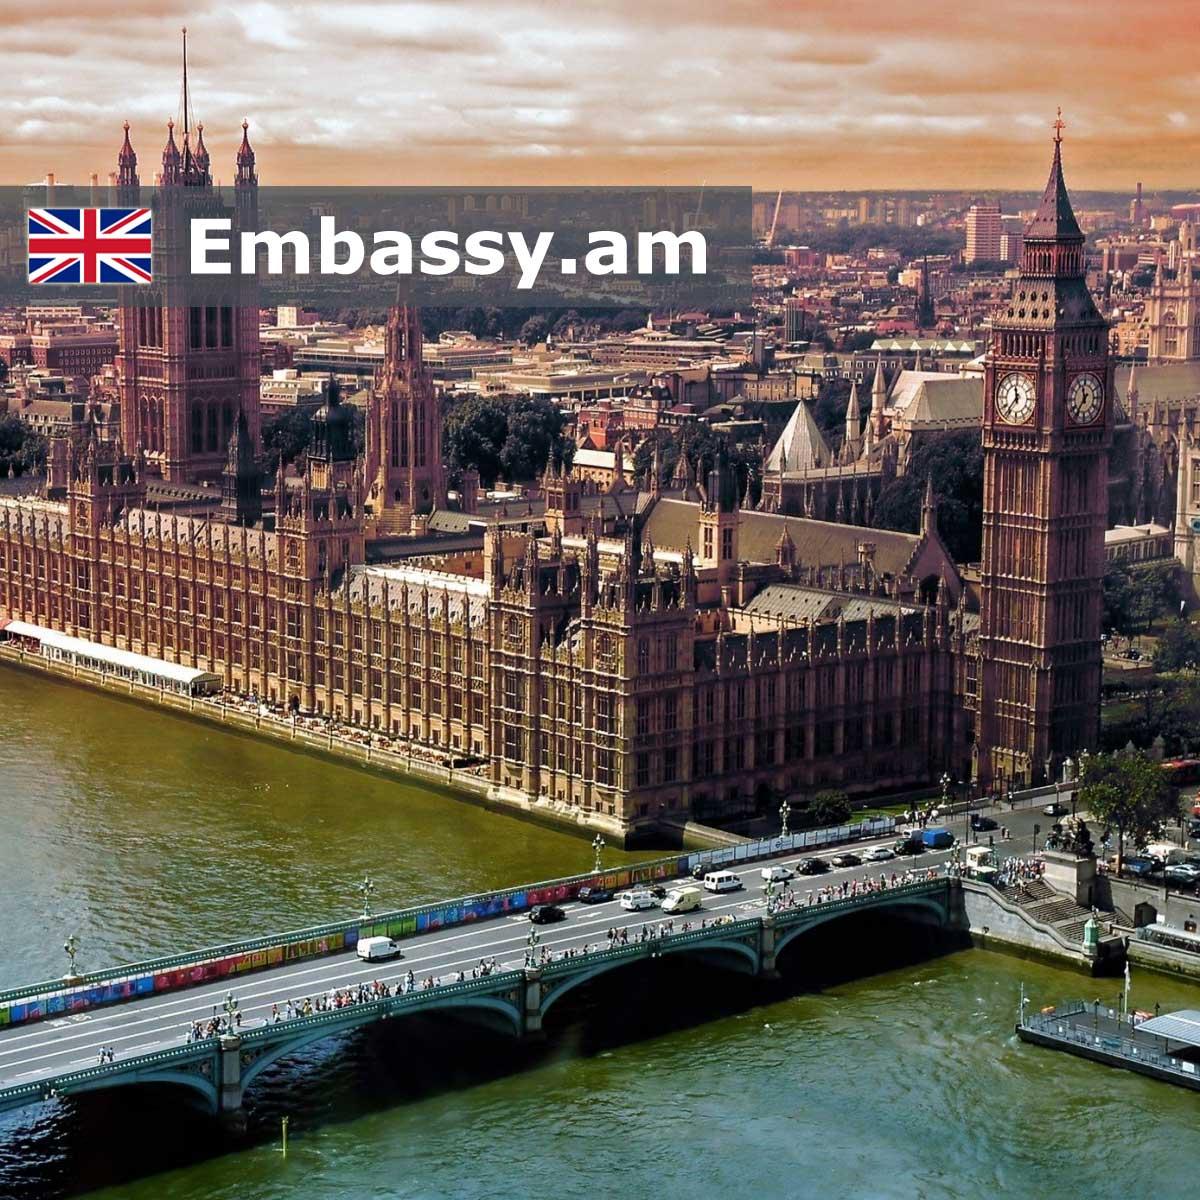 Լոնդոն - Հյուրանոցներ Միացյալ Թագավորությունում - Embassy.am